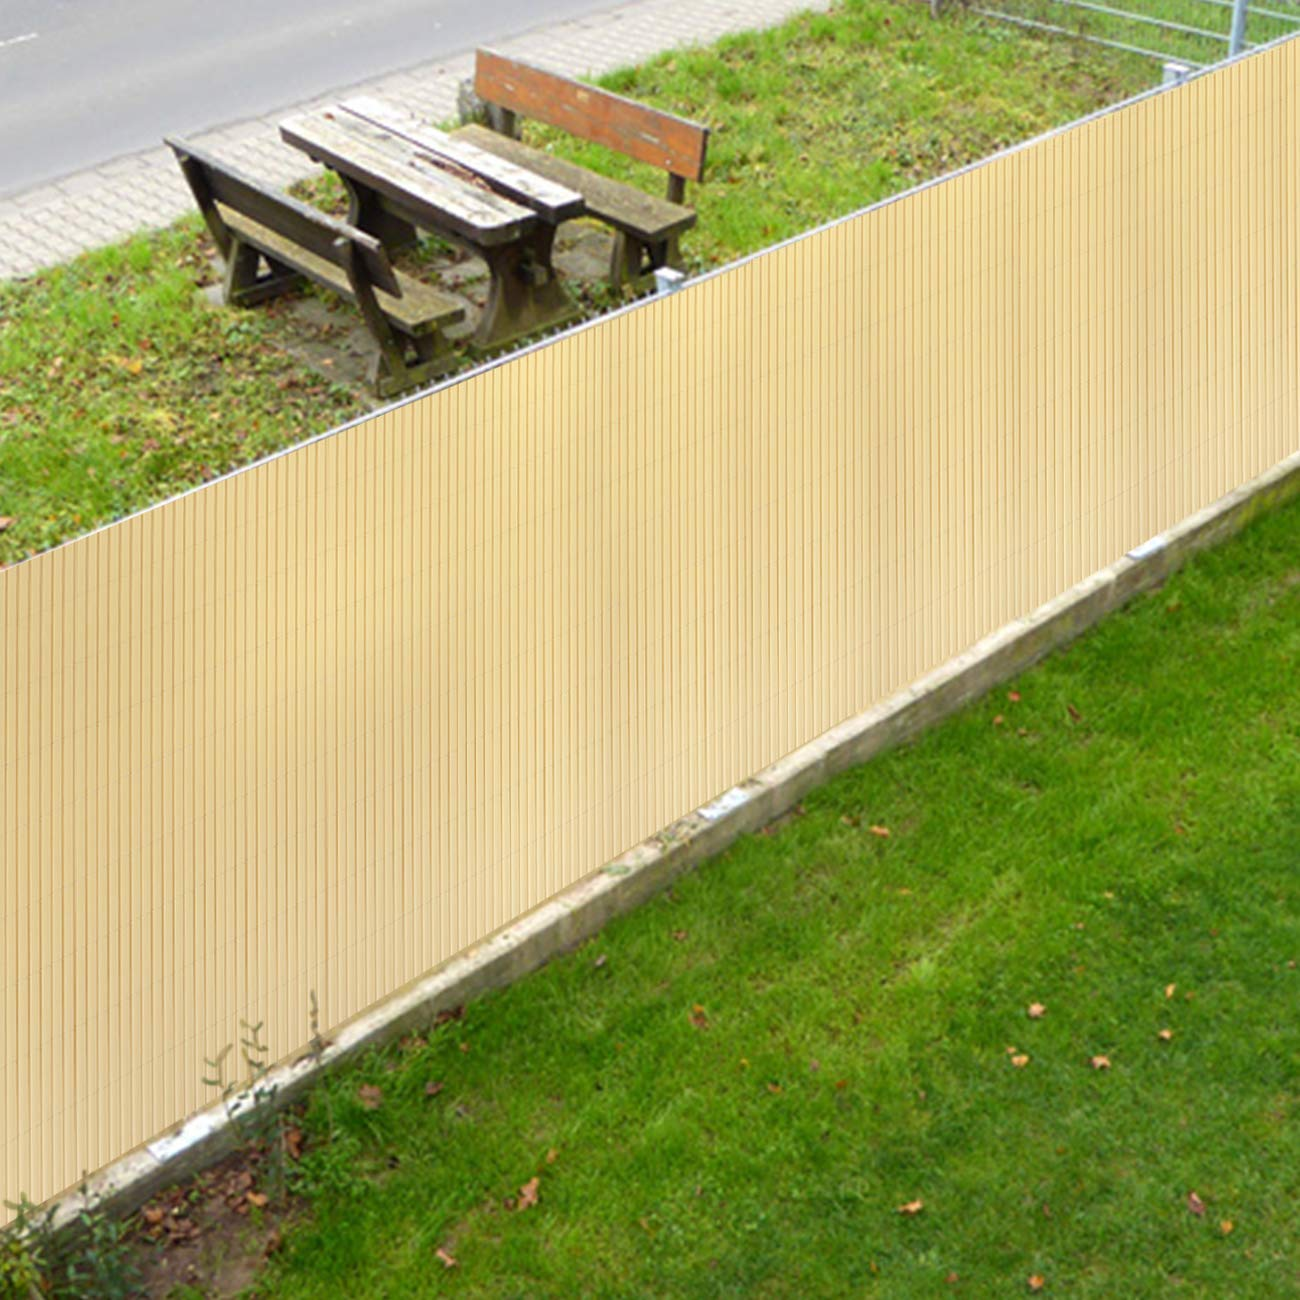 con Superficie Strutturata Sekey PVC Recinzione Frangivista Decorativa per Giardino Antracite 80 x 300 cm Anti-Muffa con Fascette Balcone e terrazza Resistente agli Agenti atmosferici